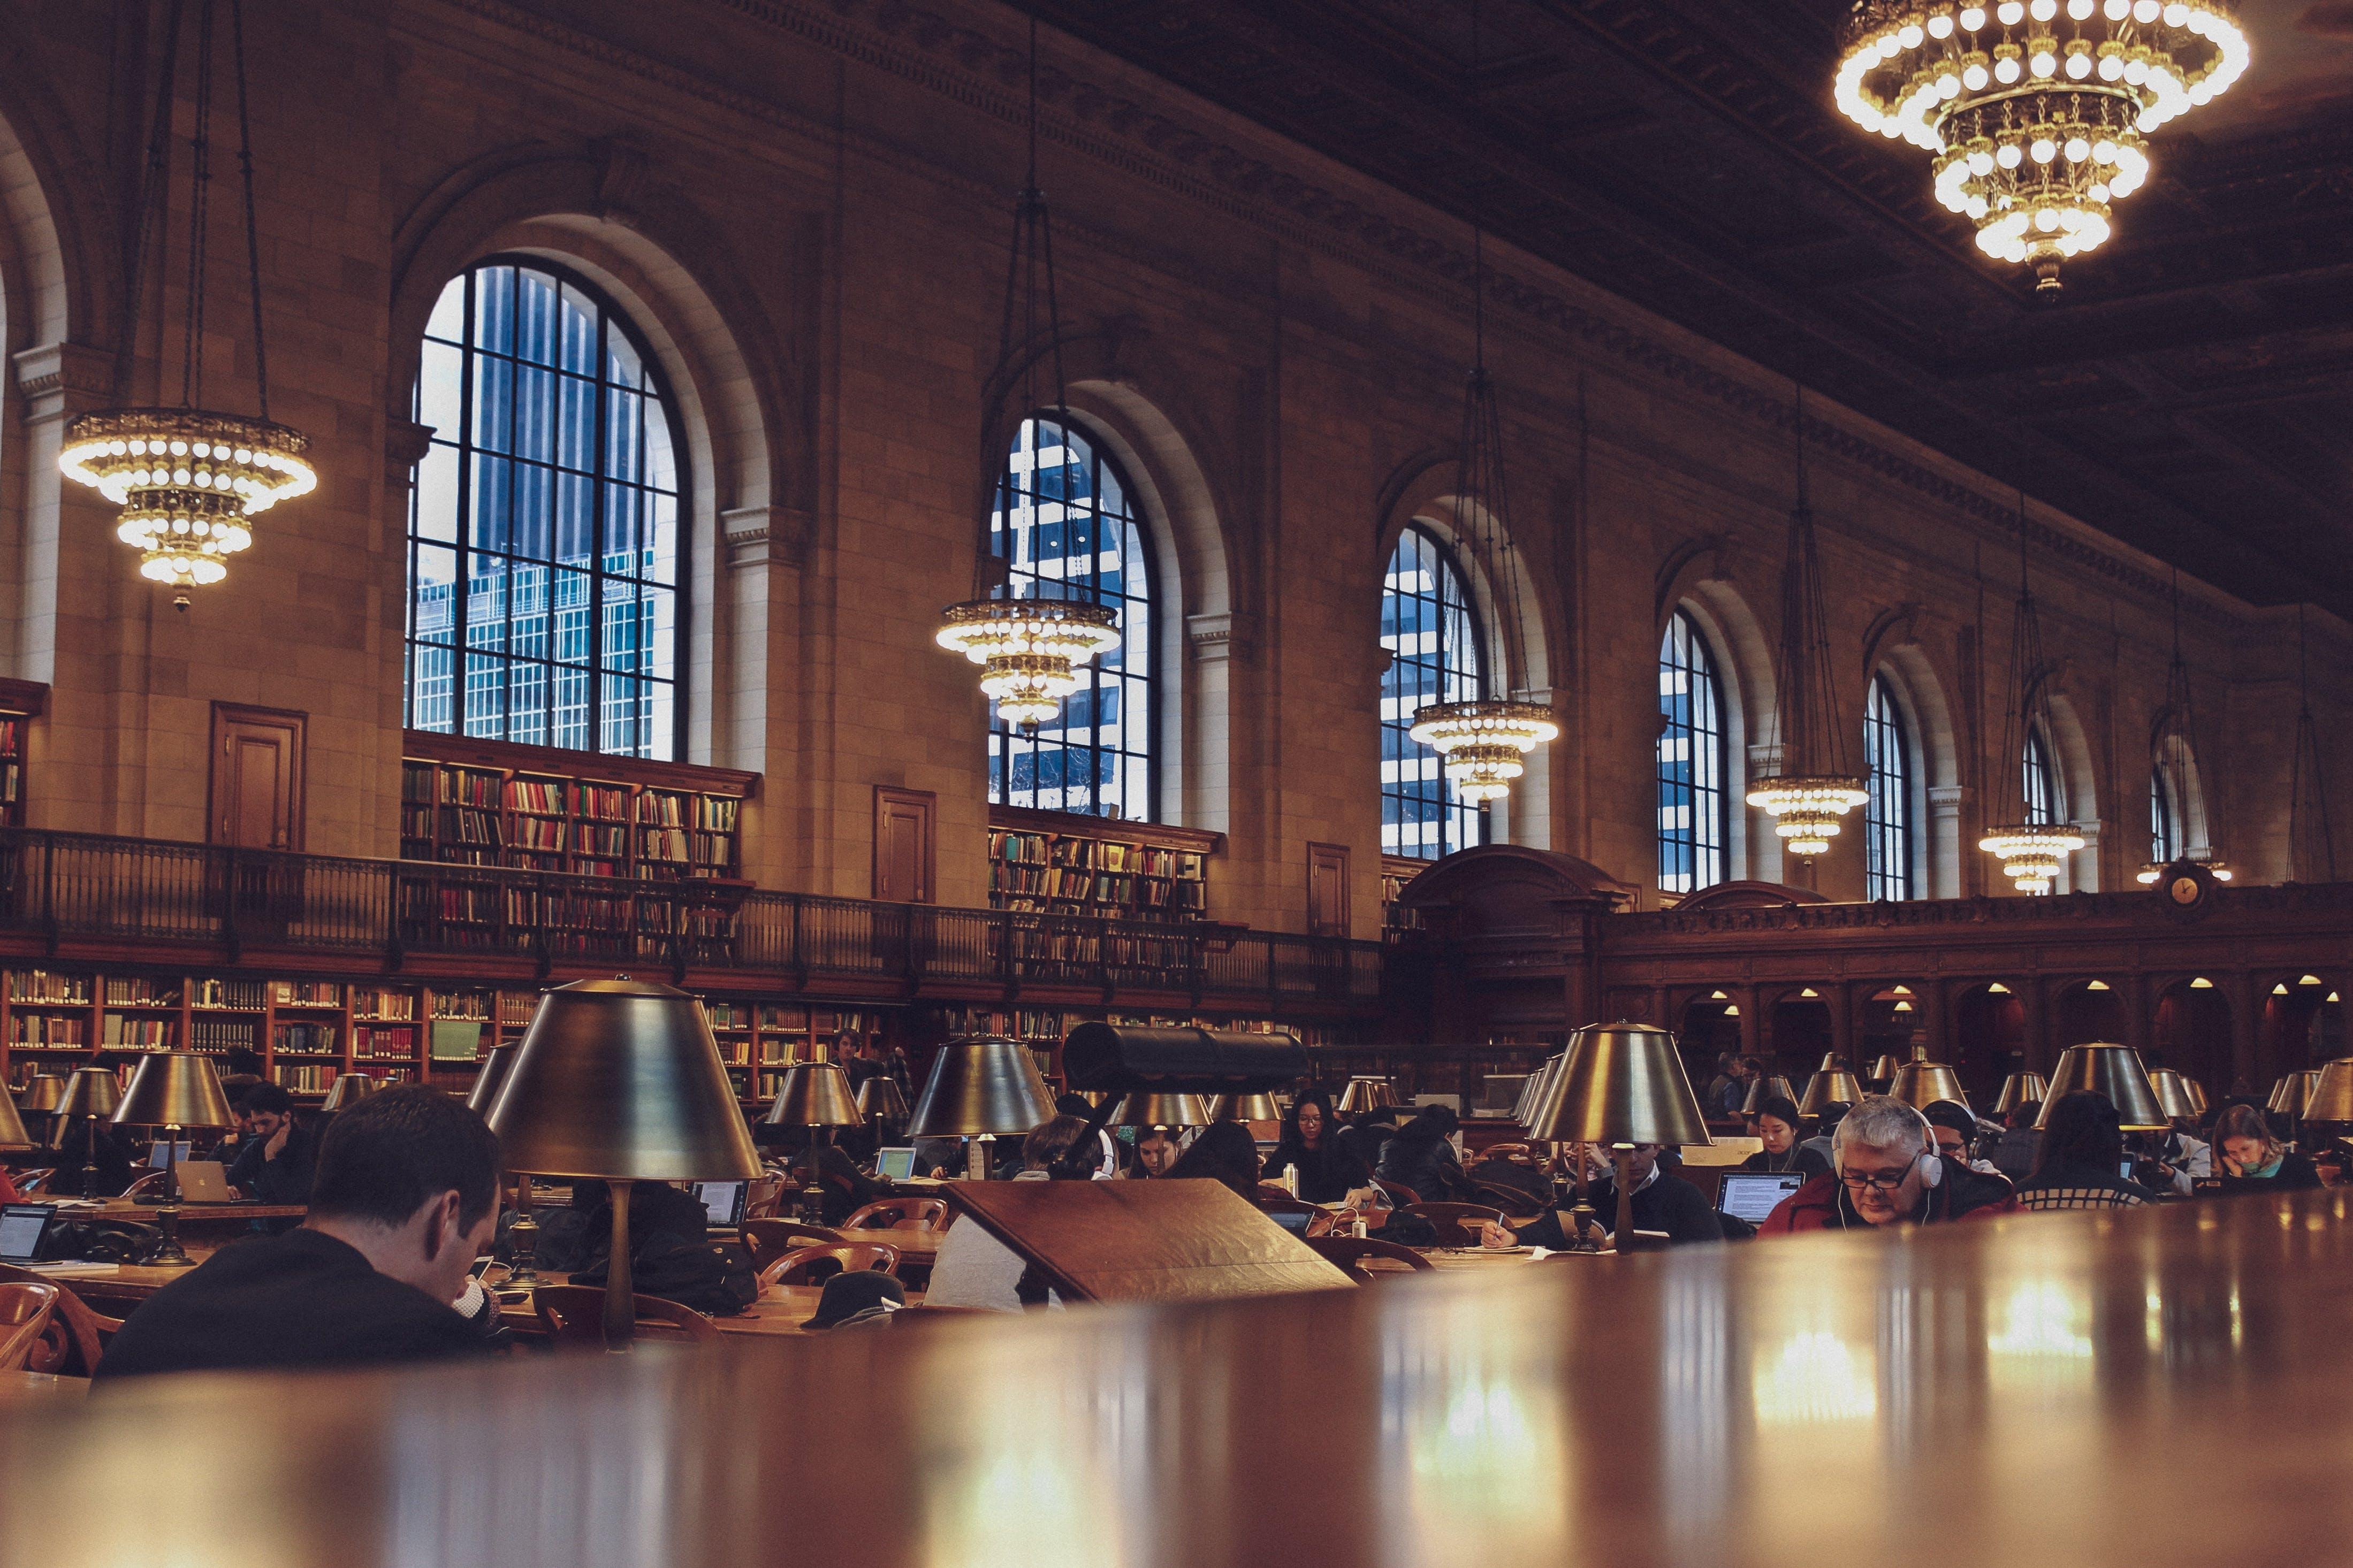 Immagine gratuita di architettura, biblioteca, dentro, edificio